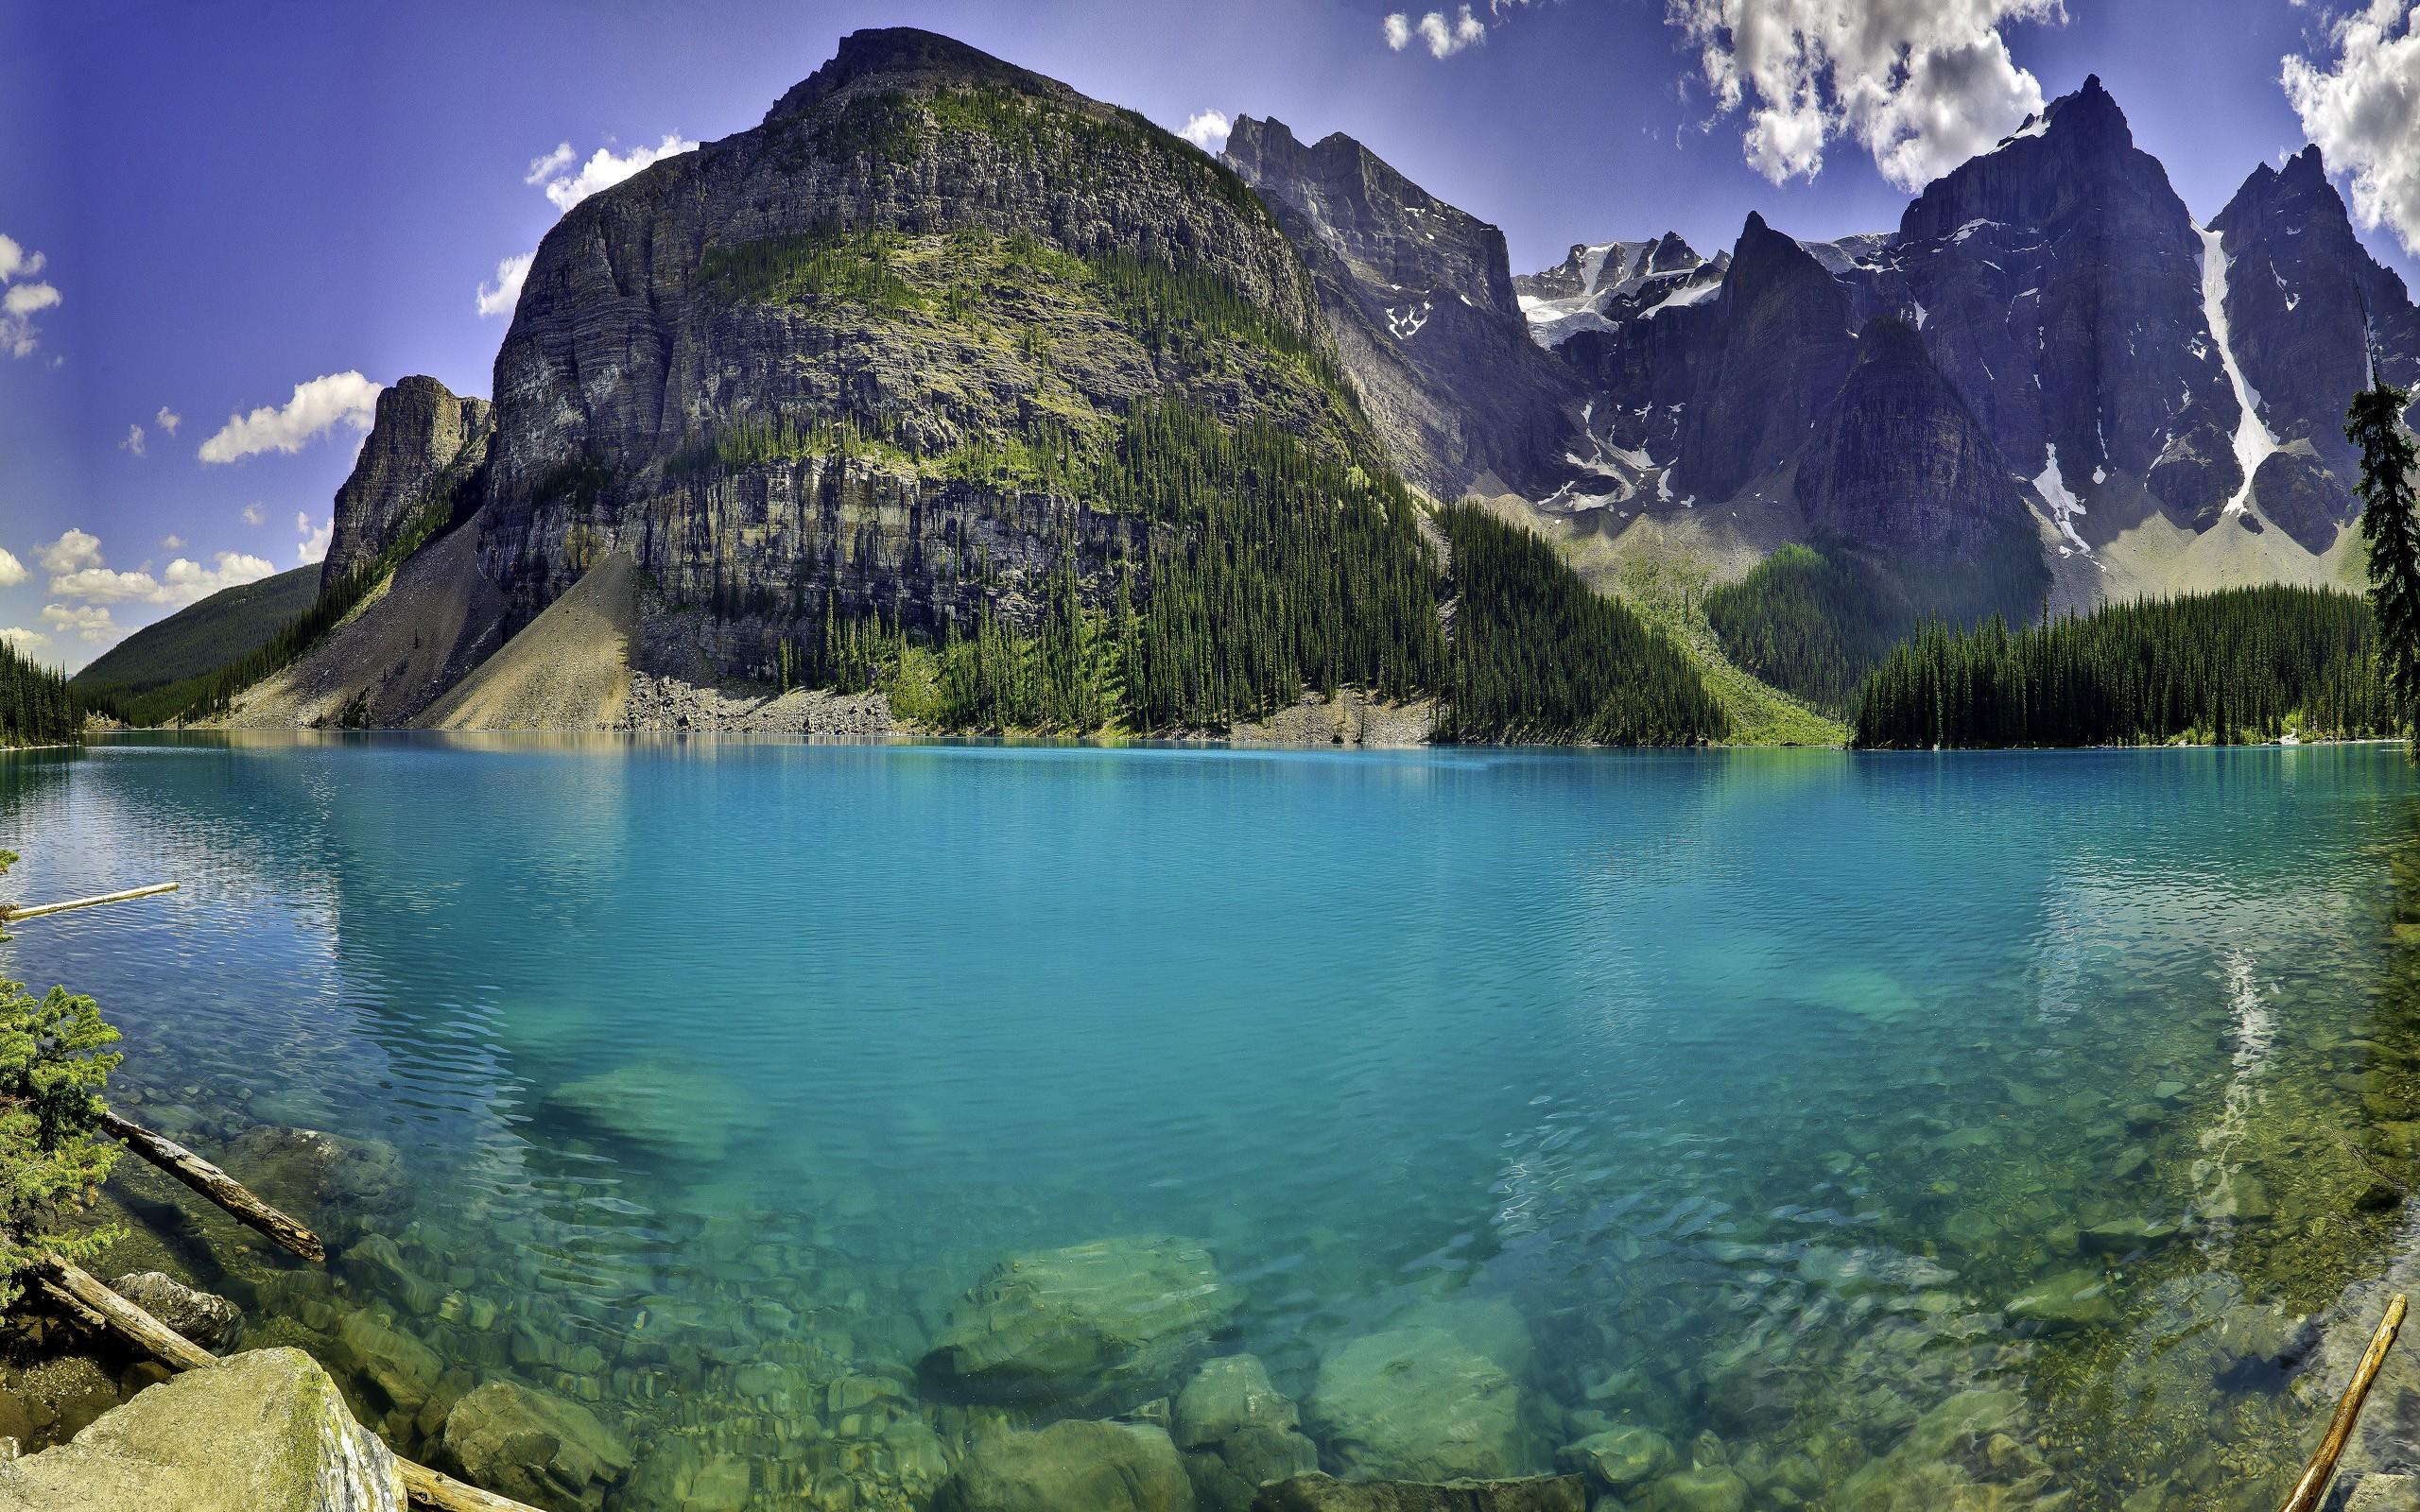 фото картинки озер символический предмет